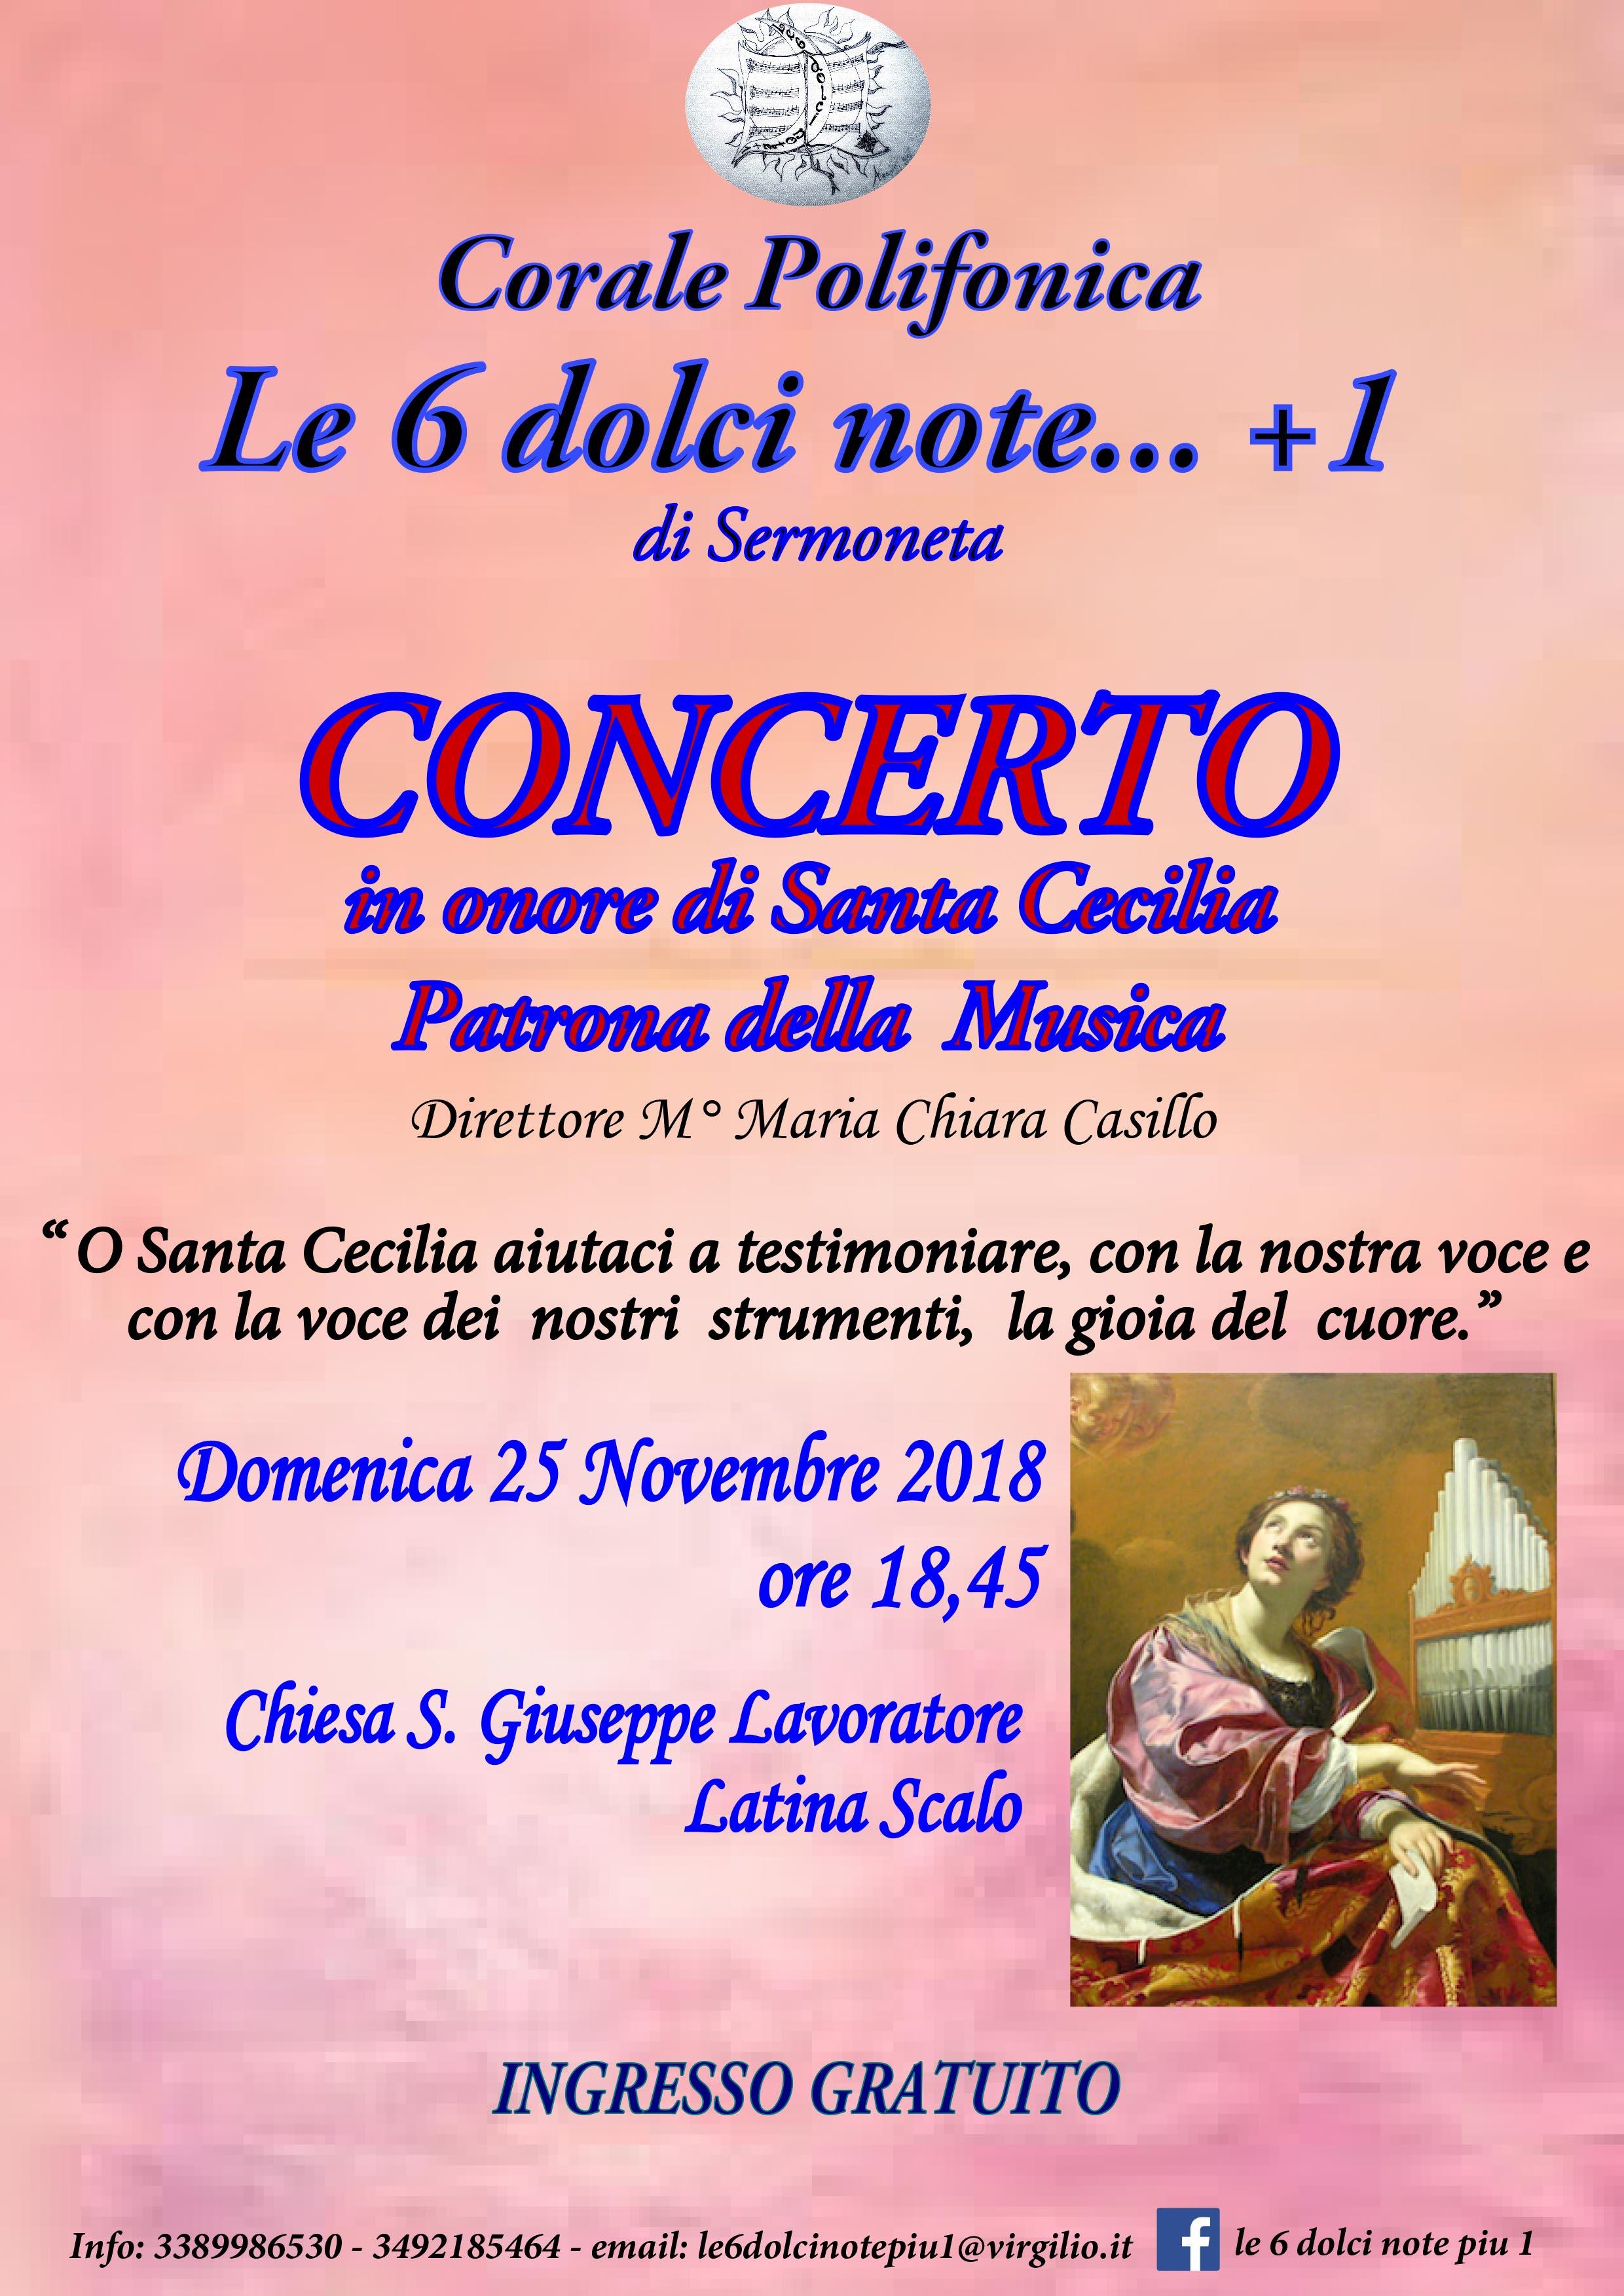 Locandina Festeggiamenti santa cecilia 2018 - Latina Scalo